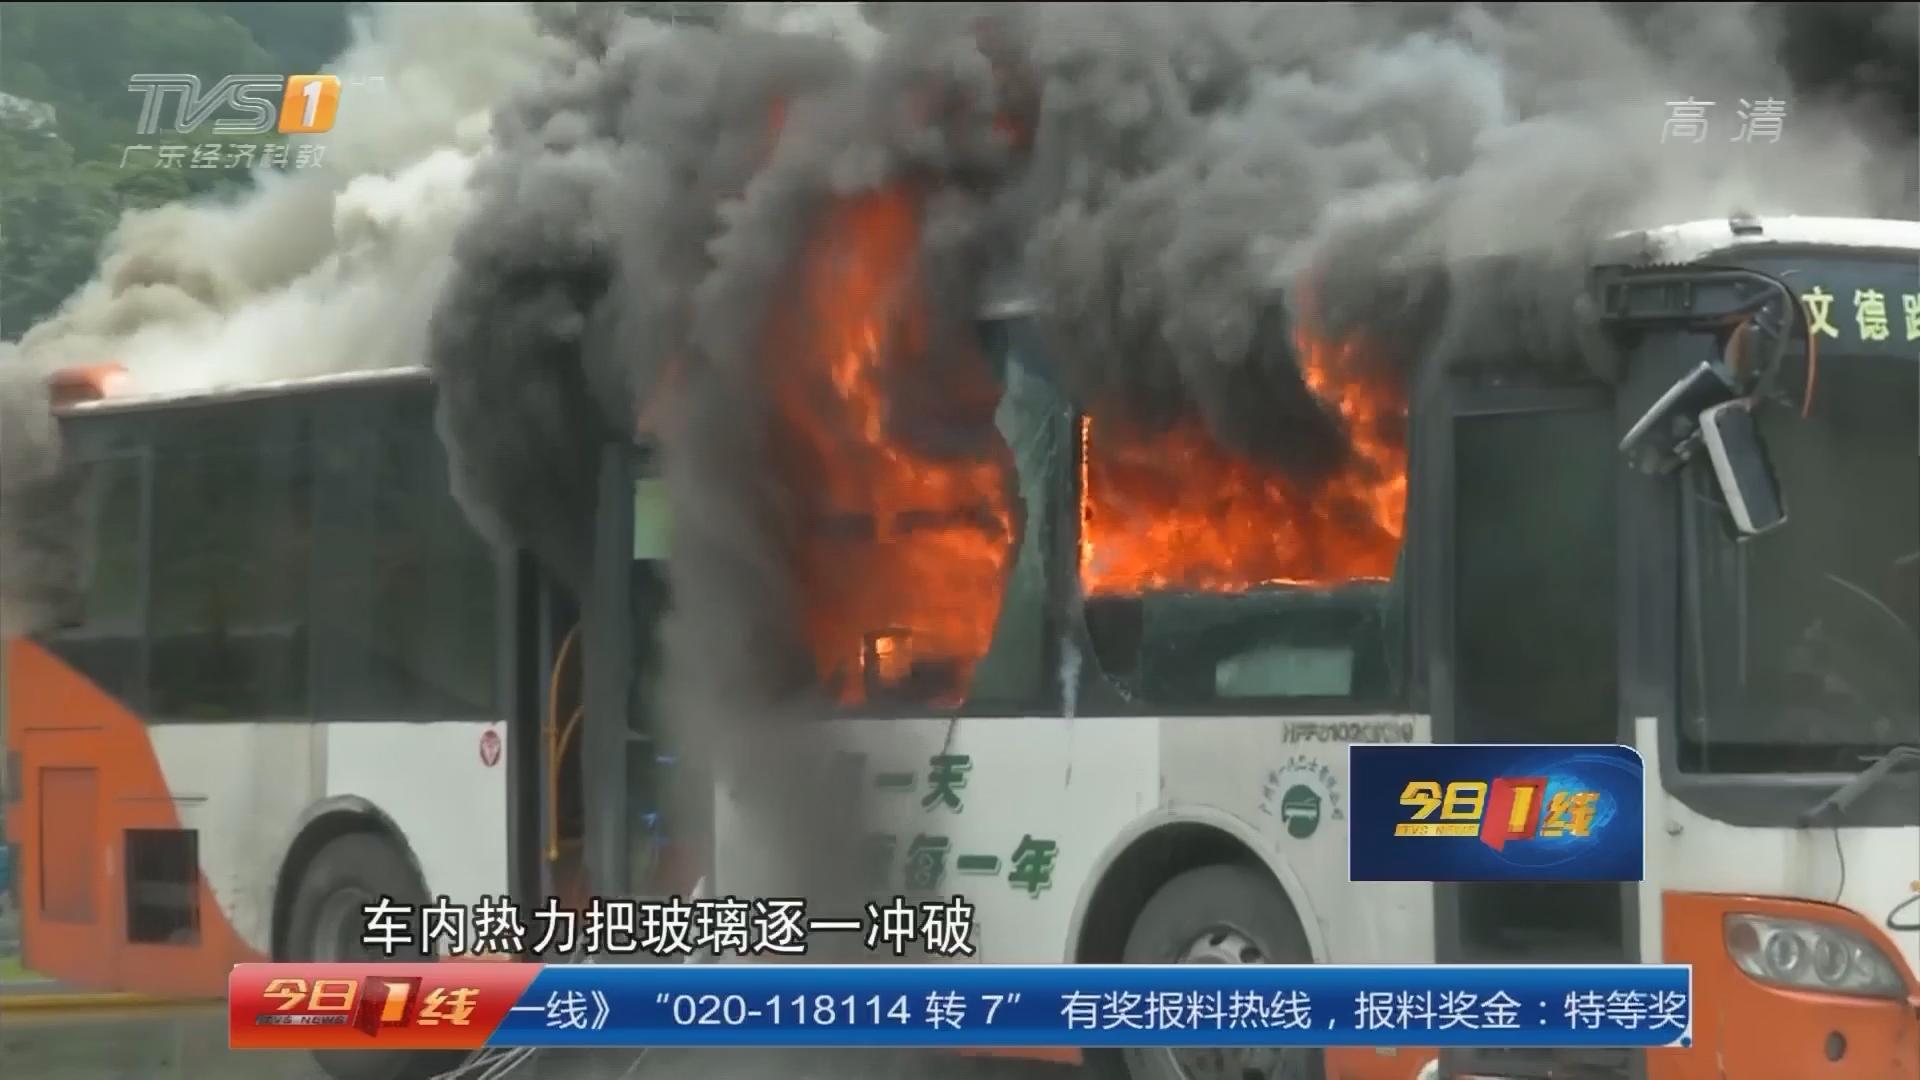 公交车燃烧逃生实验:燃烧五分钟